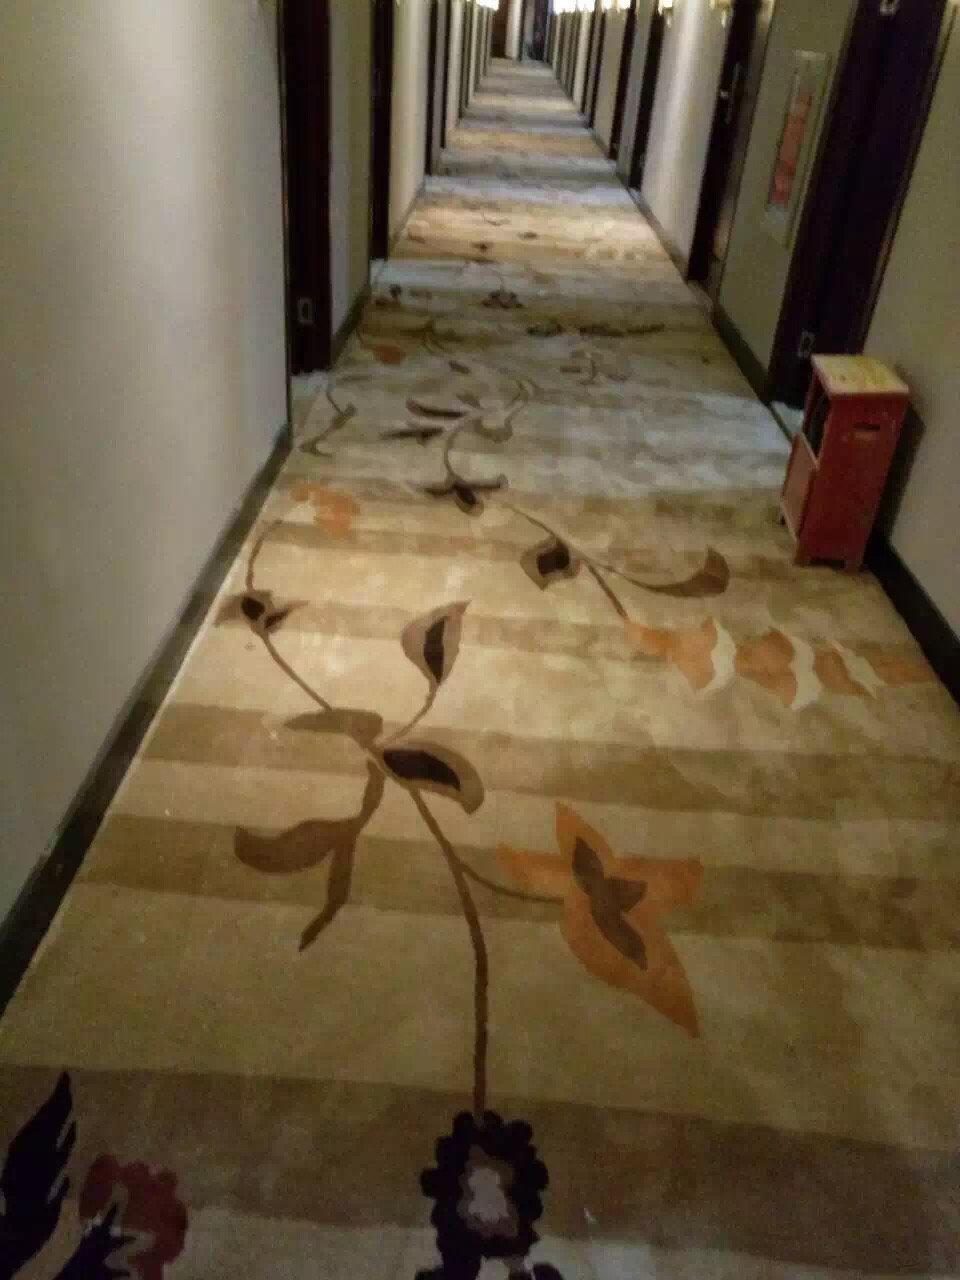 Carpet Construction Sites